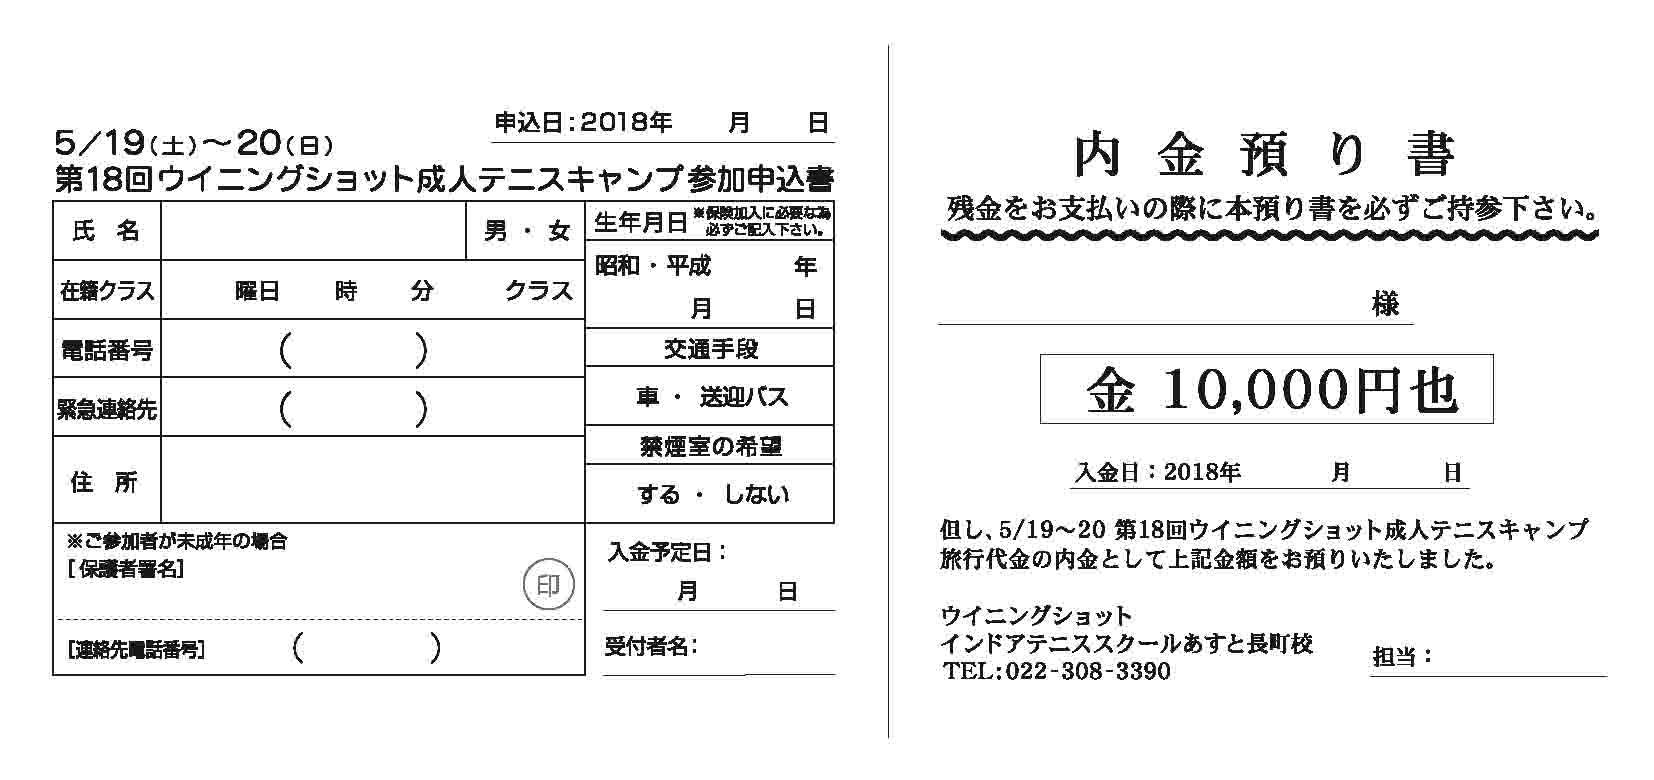 【5/19~20開催】第18回成人テニスキャンプ